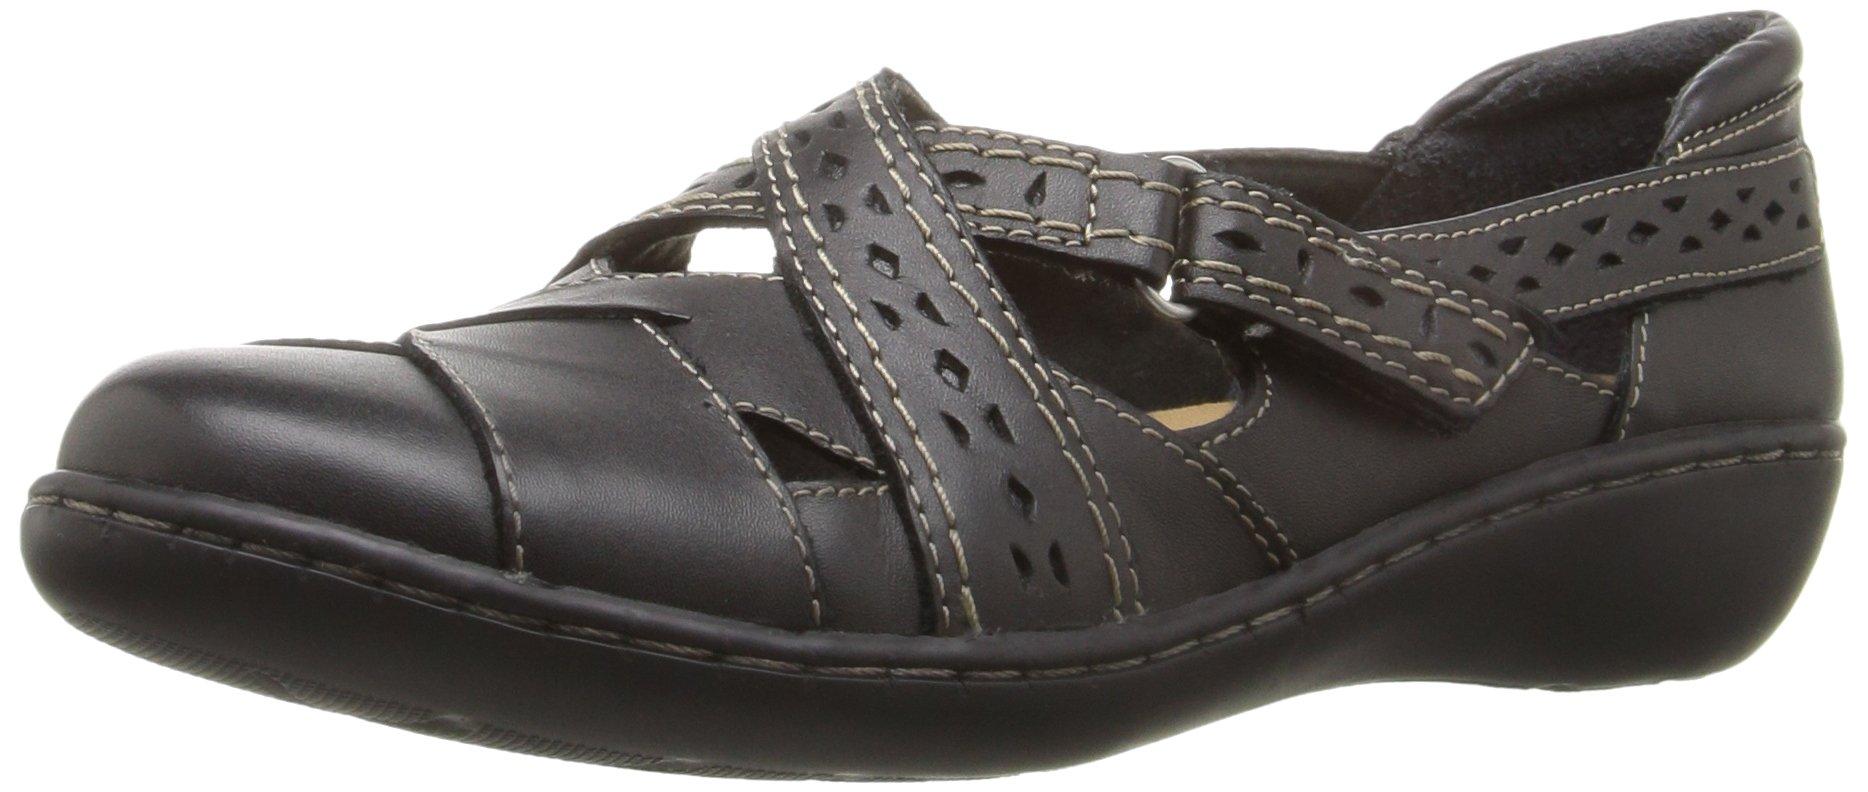 CLARKS Women's Ashland Spin Q Slip-on Loafer, Black, 8.5 B(M) US